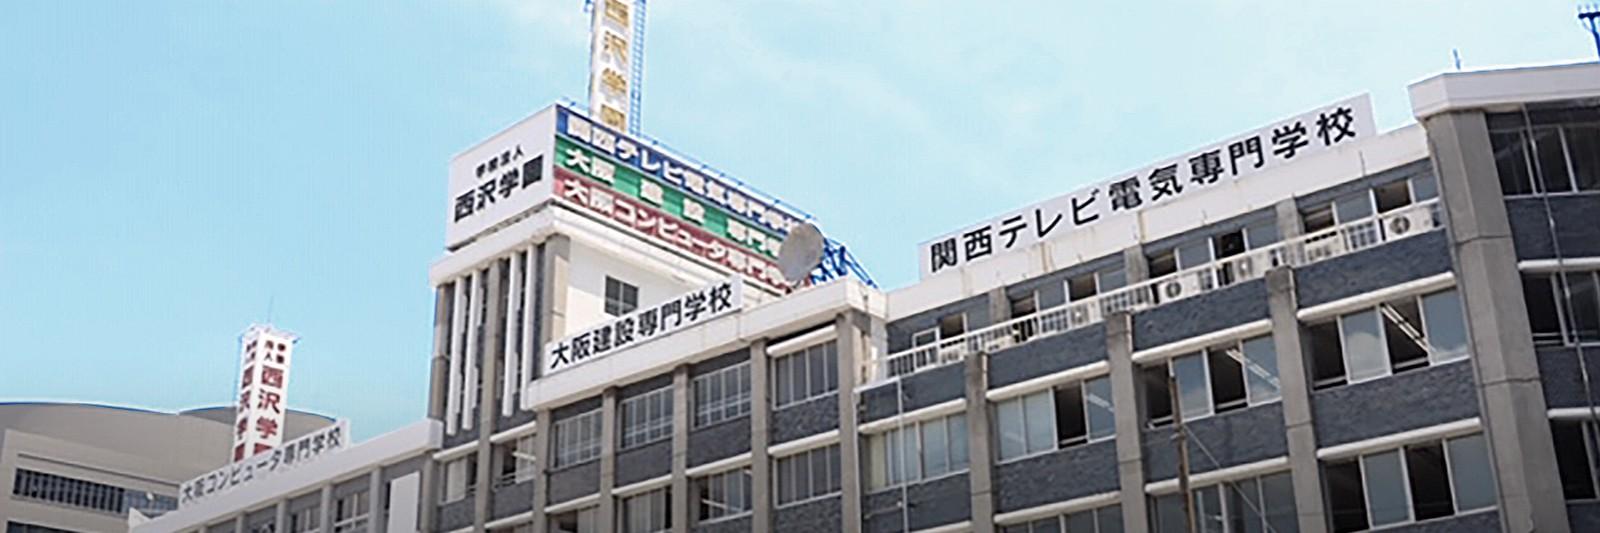 学校法人西沢学園